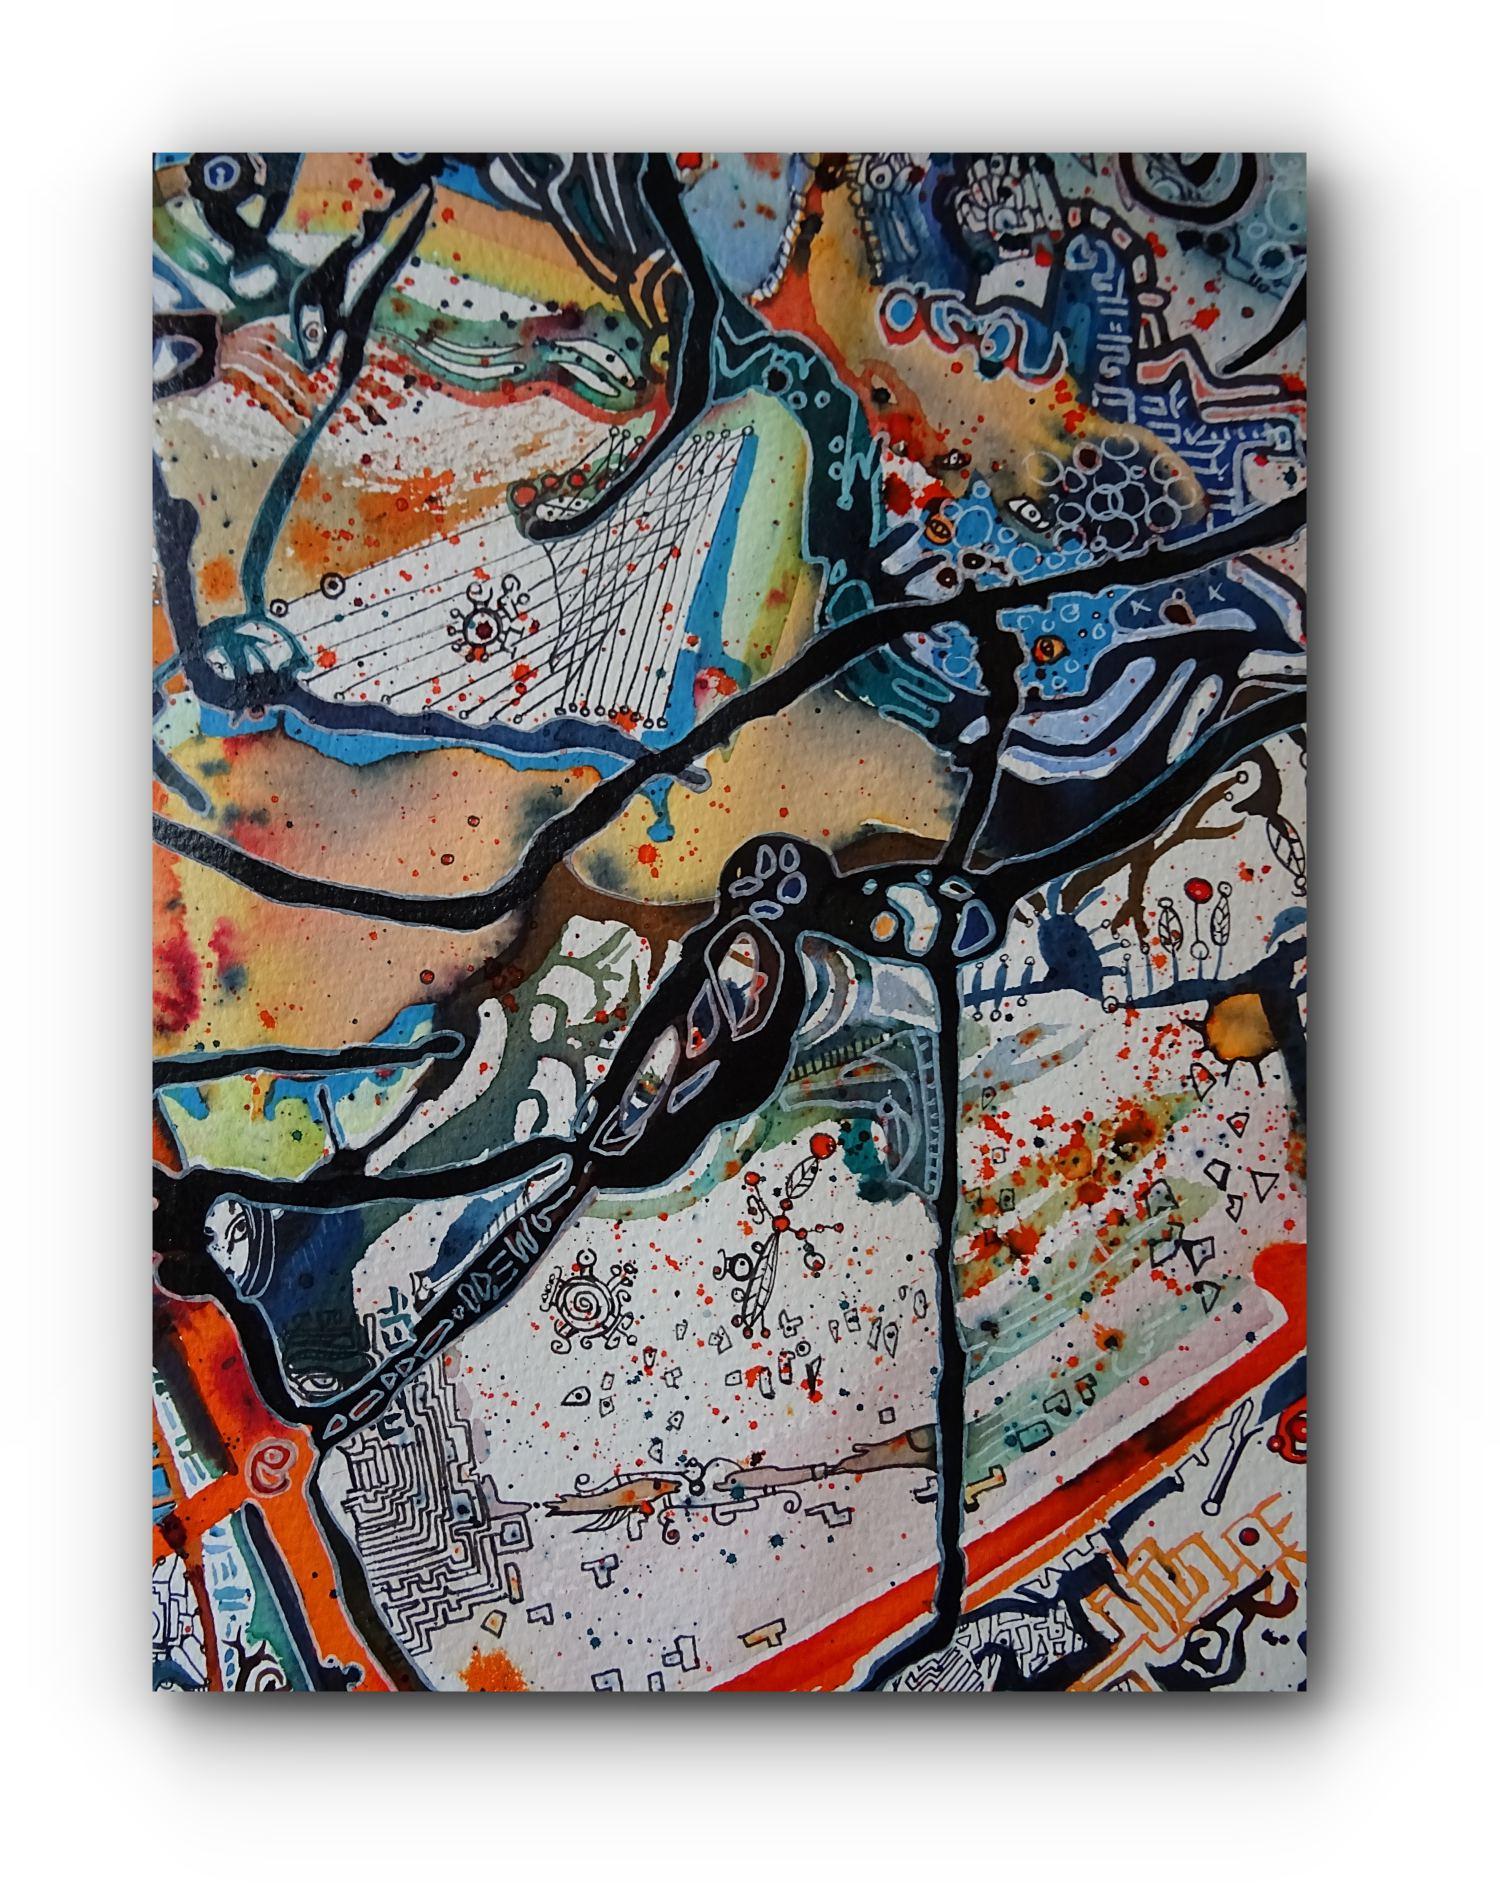 painting-detail-4-riverworld-artist-duo-ingress-vortices.jpg